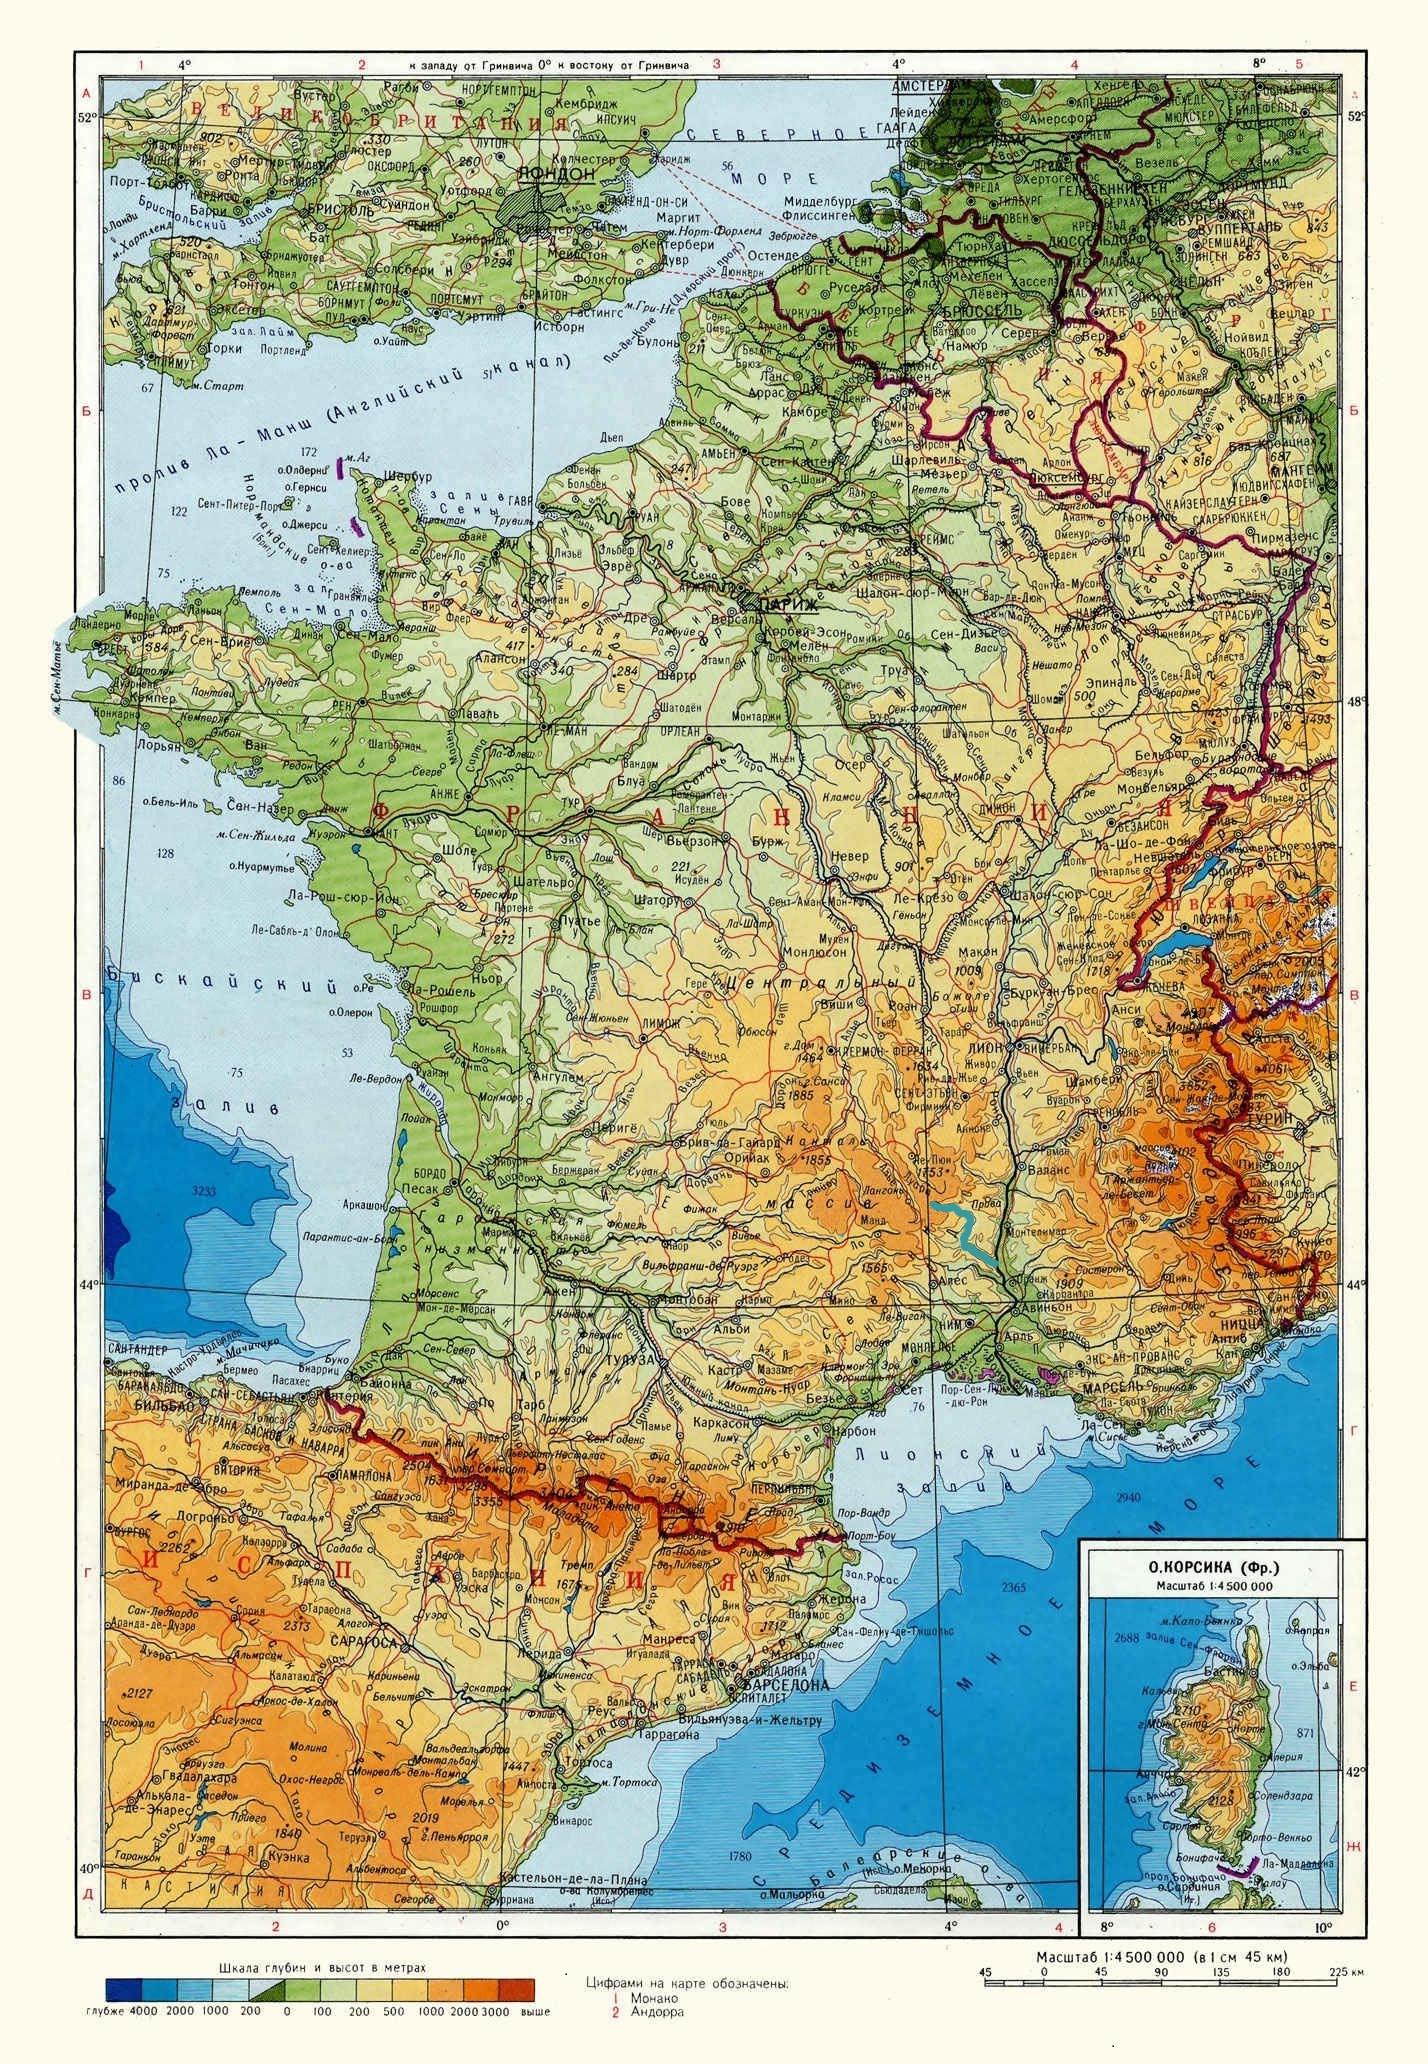 Река Ардеш (Ardeche) на карте